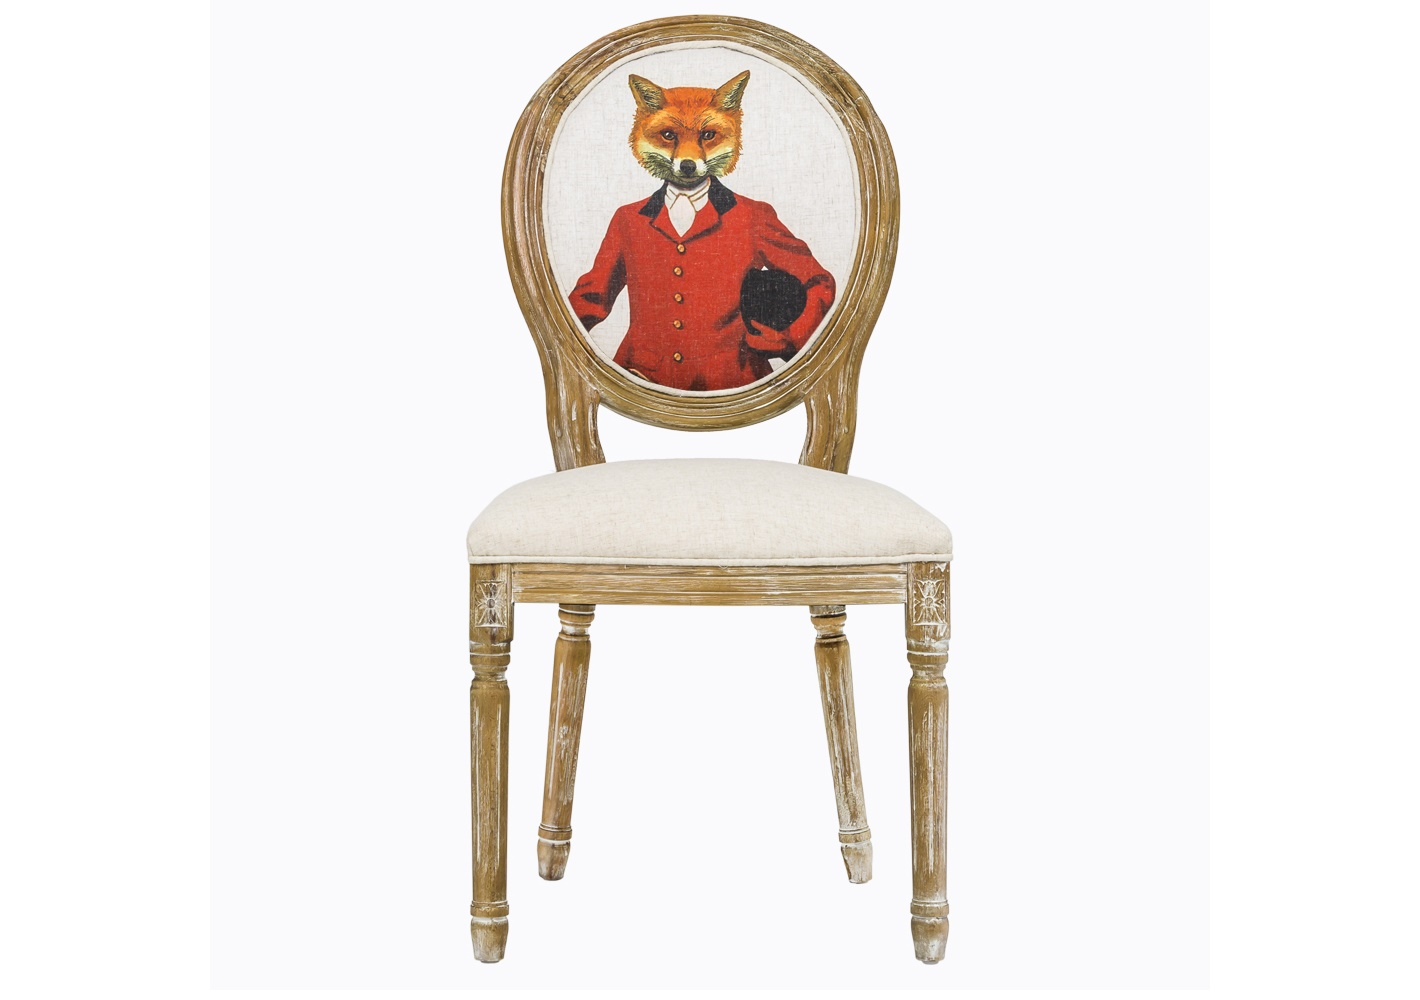 Стул «Мистер Лис Лайт»Обеденные стулья<br>Прекрасный стул ручной работы мог бы стать стандартной винтажной вещицей. Но как бы не так! Его спинку-медальон украшает изображение лихого жокея с… лисьей мордочкой. Исторический костюм и горделивая осанка выдают в нем личность чистых кровей. А в хозяине этой мебели – отличный вкус, чувство юмора и любовь к эклектике. Умело смешанные французский шик и ультрасовременный поп-арт и являют это мебельное чудо. Каркас и ножки изготовлены из цельной древесины с тонкой резьбой, а ткань обивки имеет тефлоновое покрытие для защиты от загрязнений.<br><br>Material: Текстиль<br>Length см: 50<br>Width см: 57<br>Height см: 98